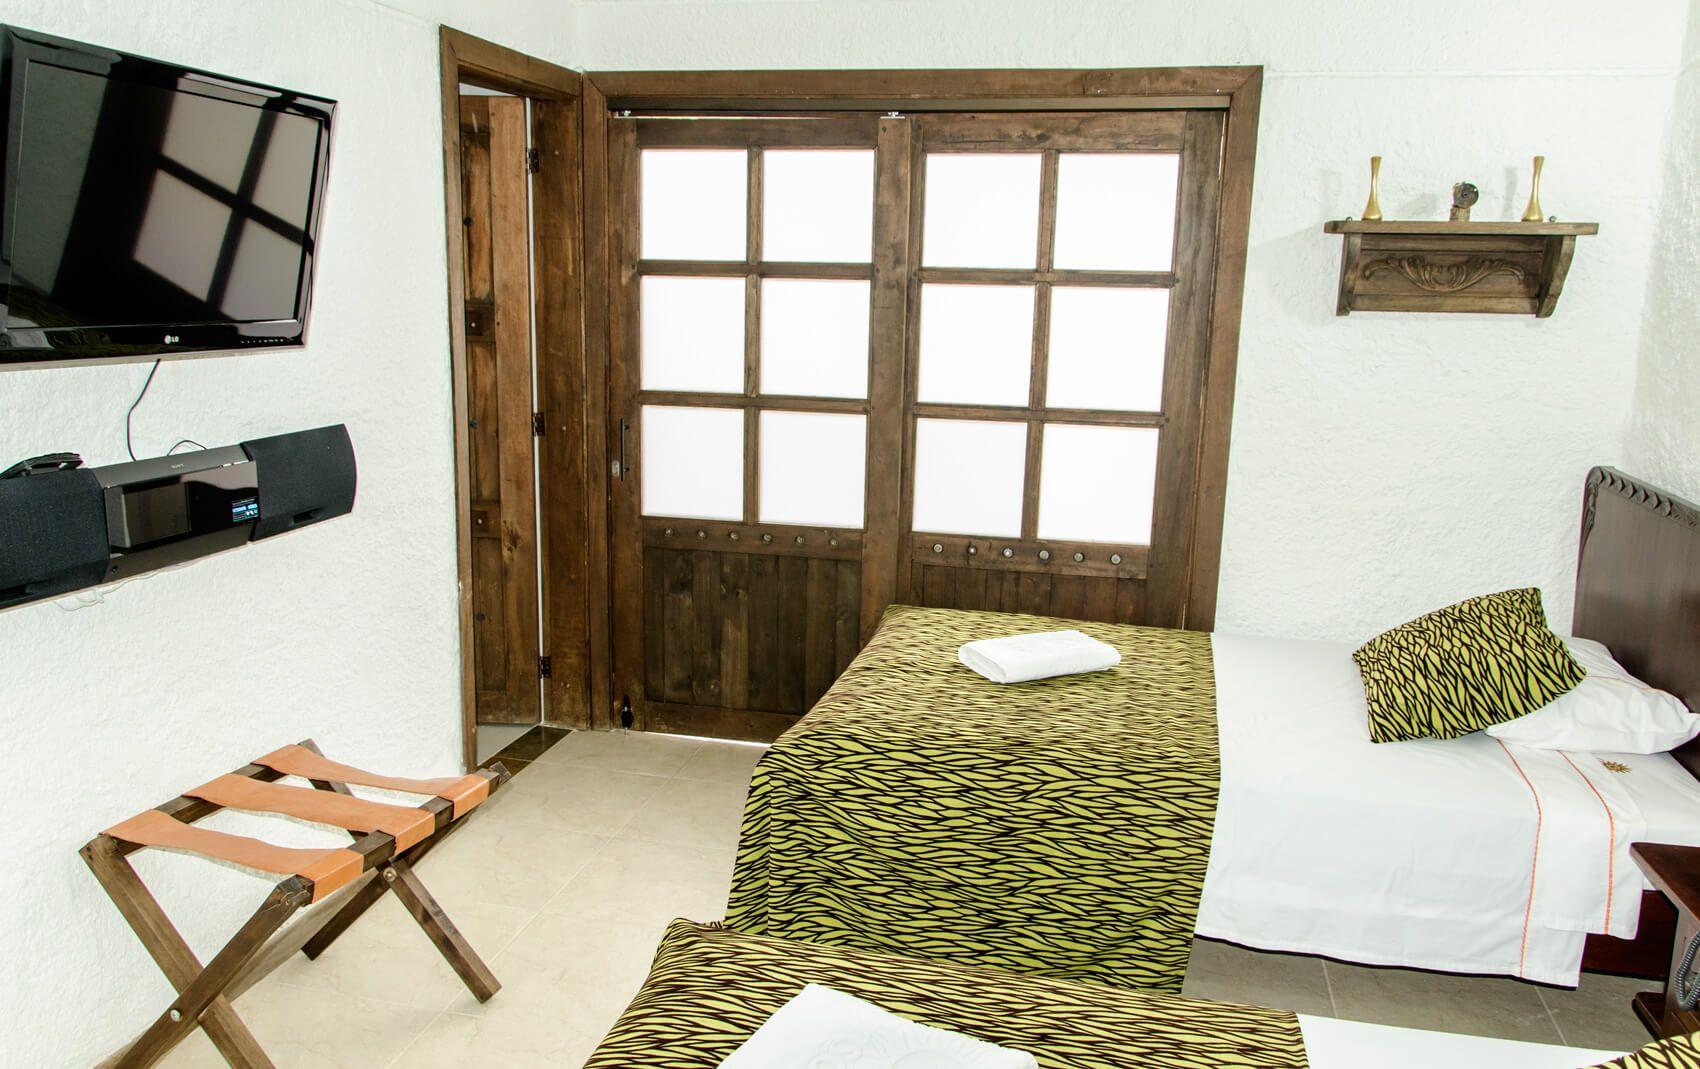 Disponibilidad alojamiento. PRE - Reservas Parque Consota